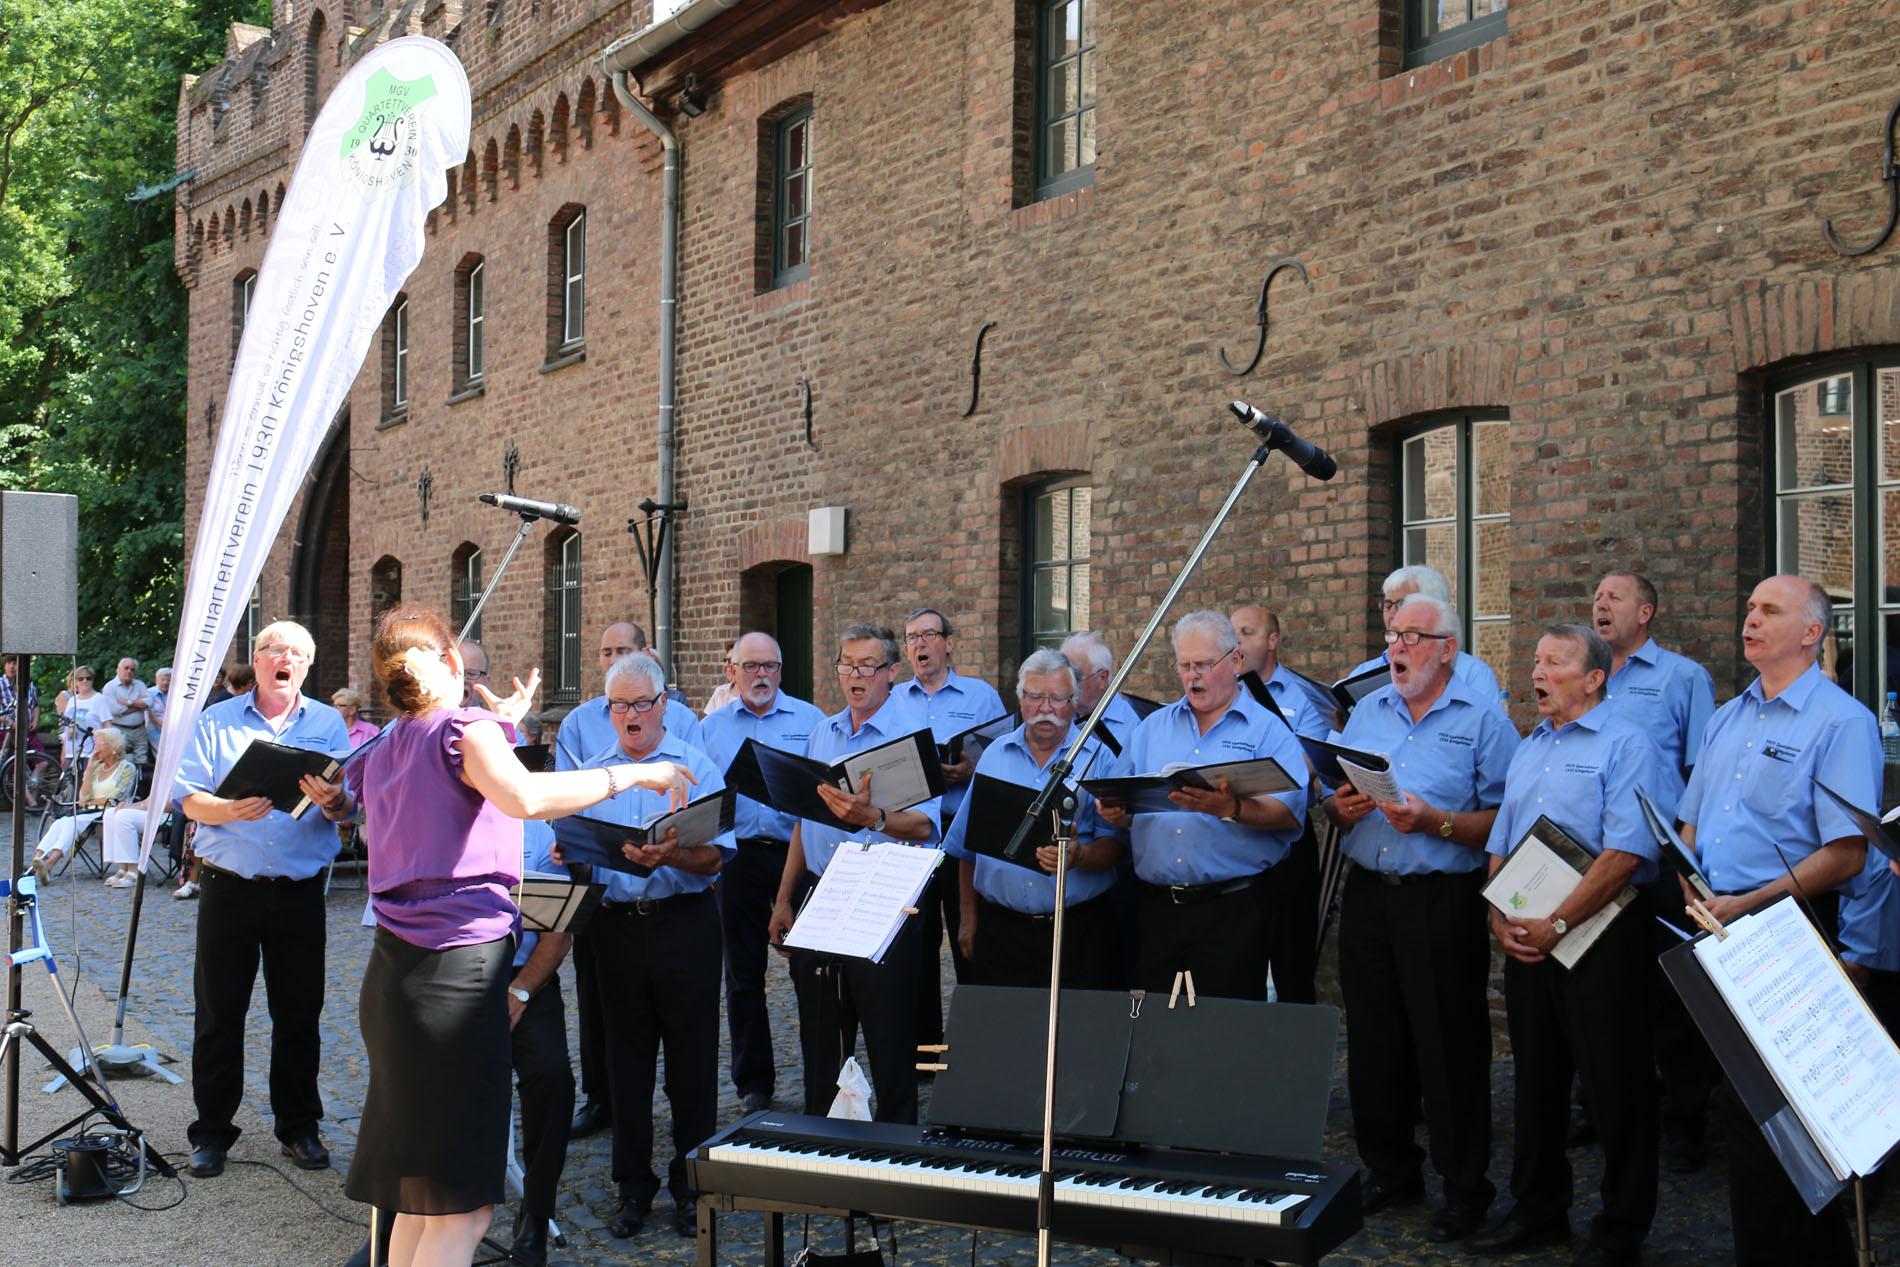 """Foto des Jahres 2017 - 1.) Chorleiterin Daniela Bosenius mit dem MGV Quartettverein 1930 Königshoven e. V. während des """"Sommer Open-Air-Konzerts 2017"""" auf Schloss Paffendorf. (Foto: Bastian Schlößer)"""